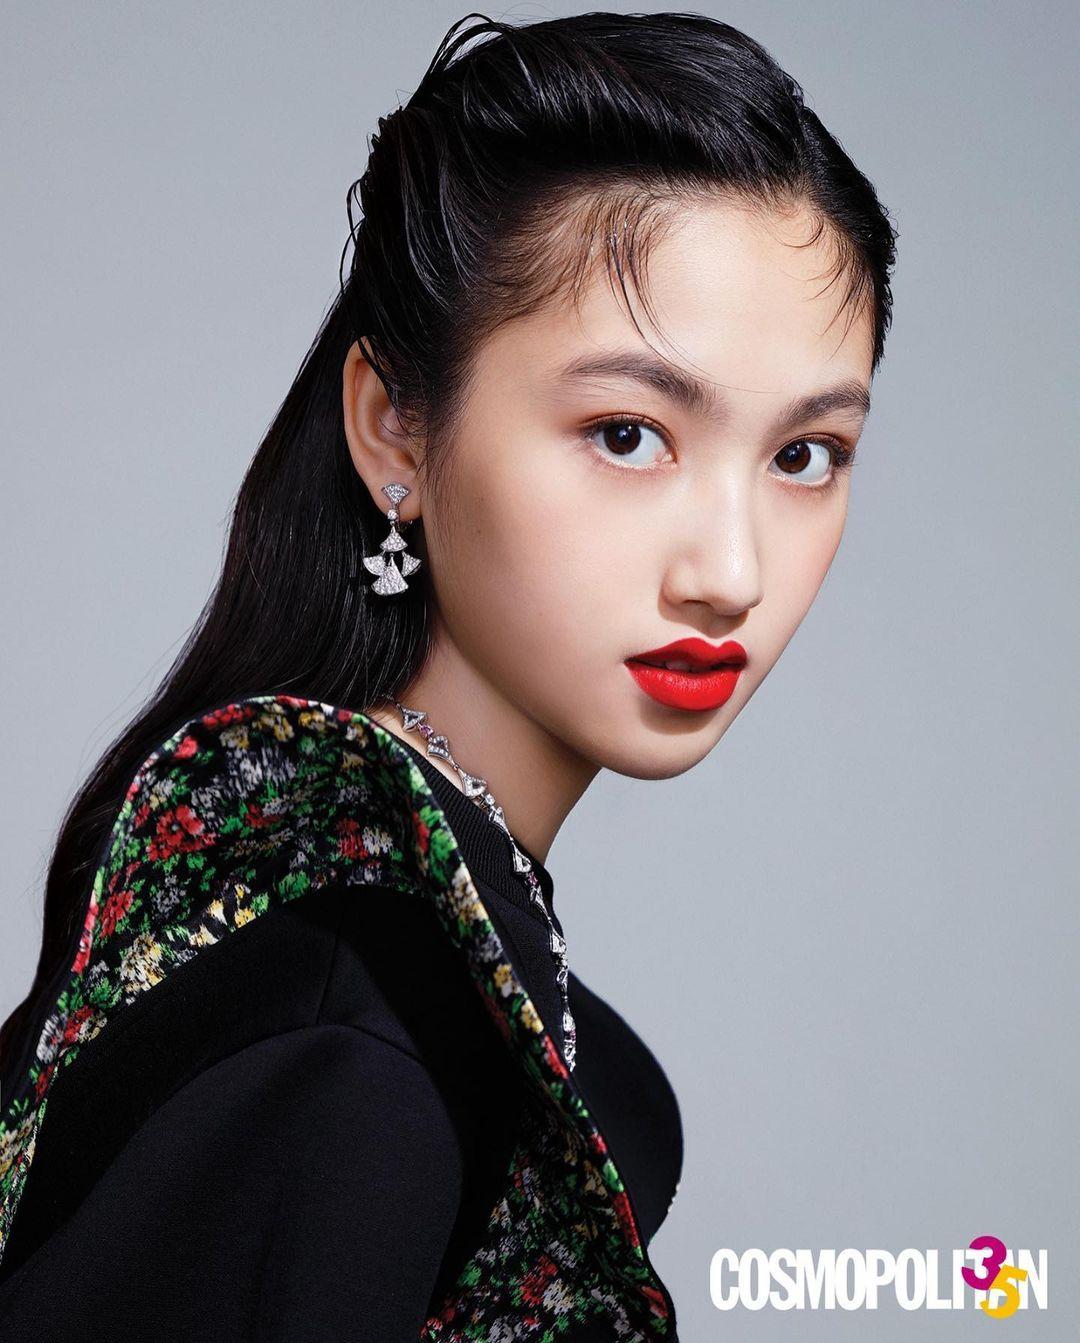 Con gái Nhậm Đạt Hoa đang tuổi dậy thì đã cao tới 1m80 được săn đón làm người mẫu - 1